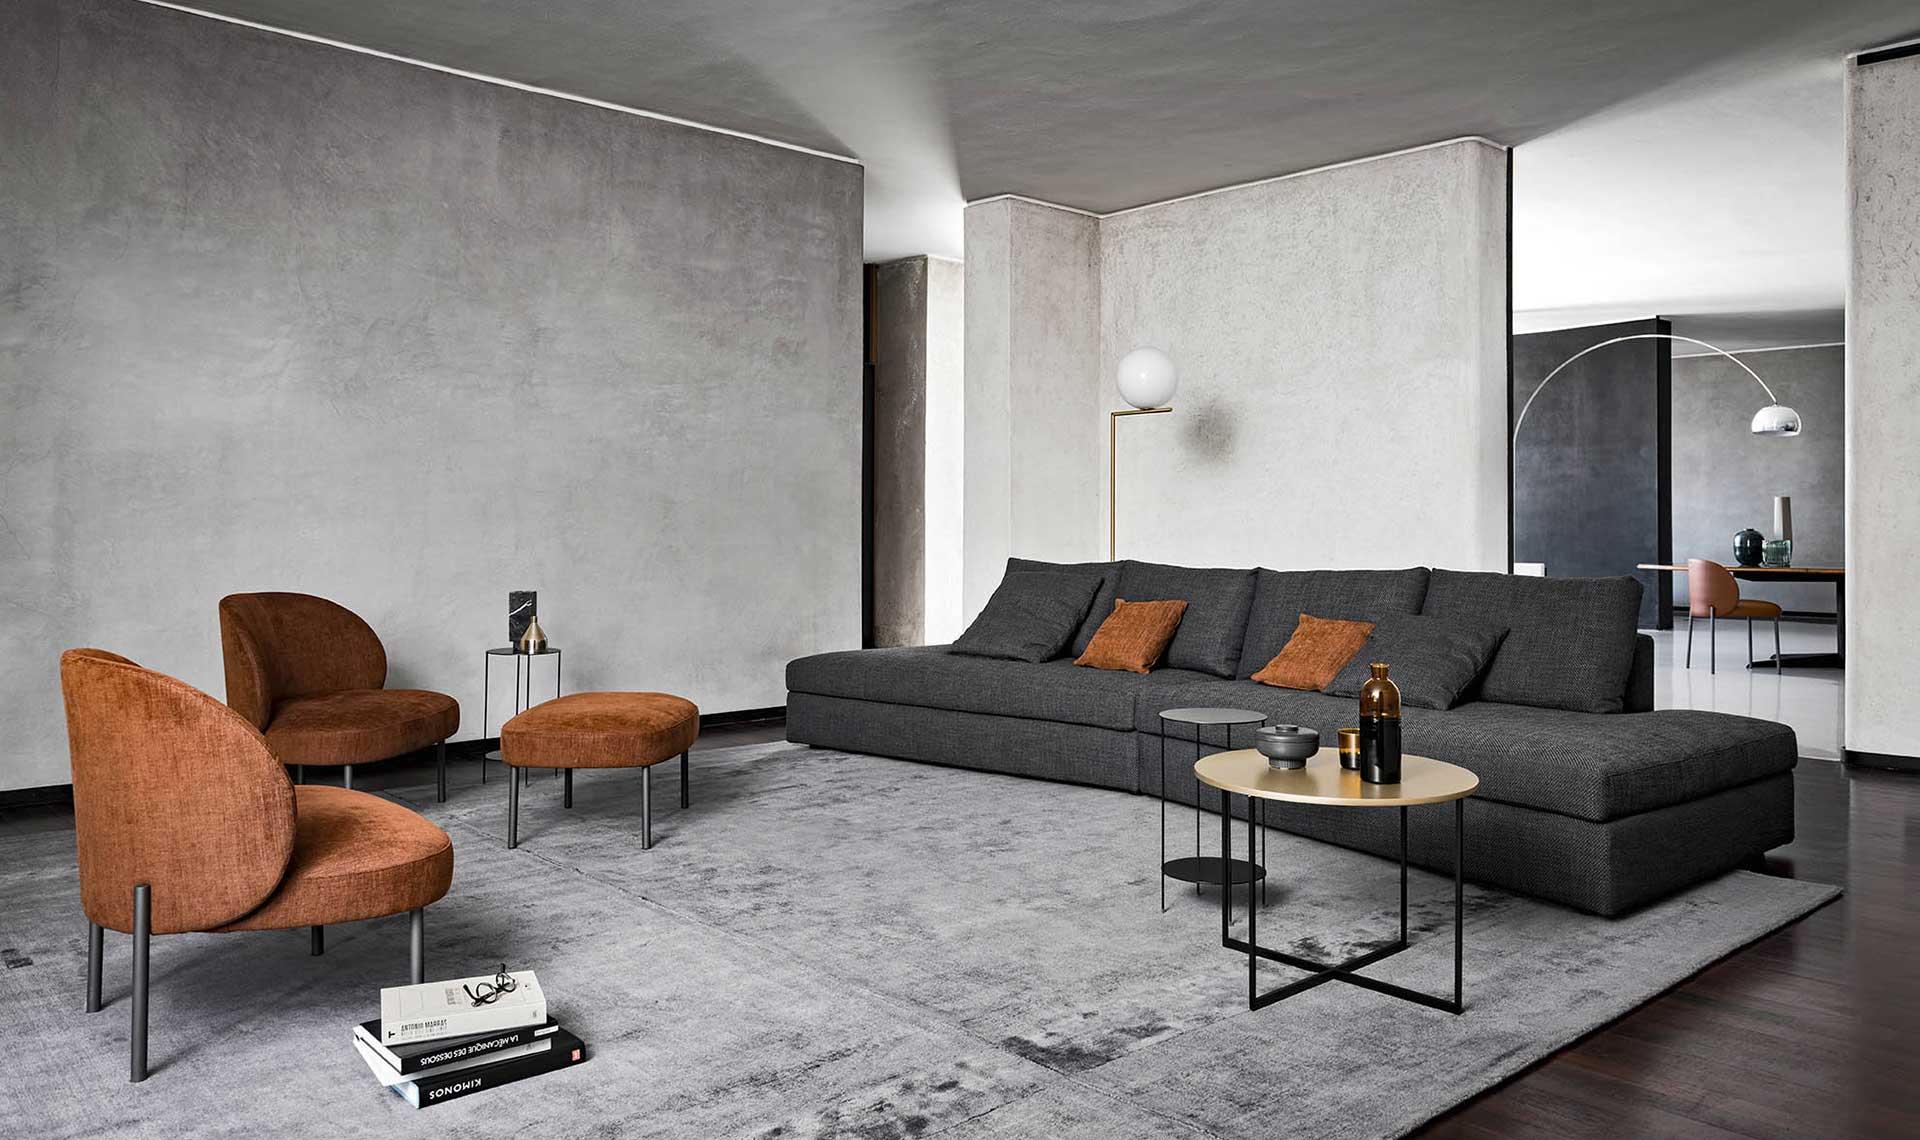 Foto Di Divani Moderni.Divani California Design Moderno Alf Dafre